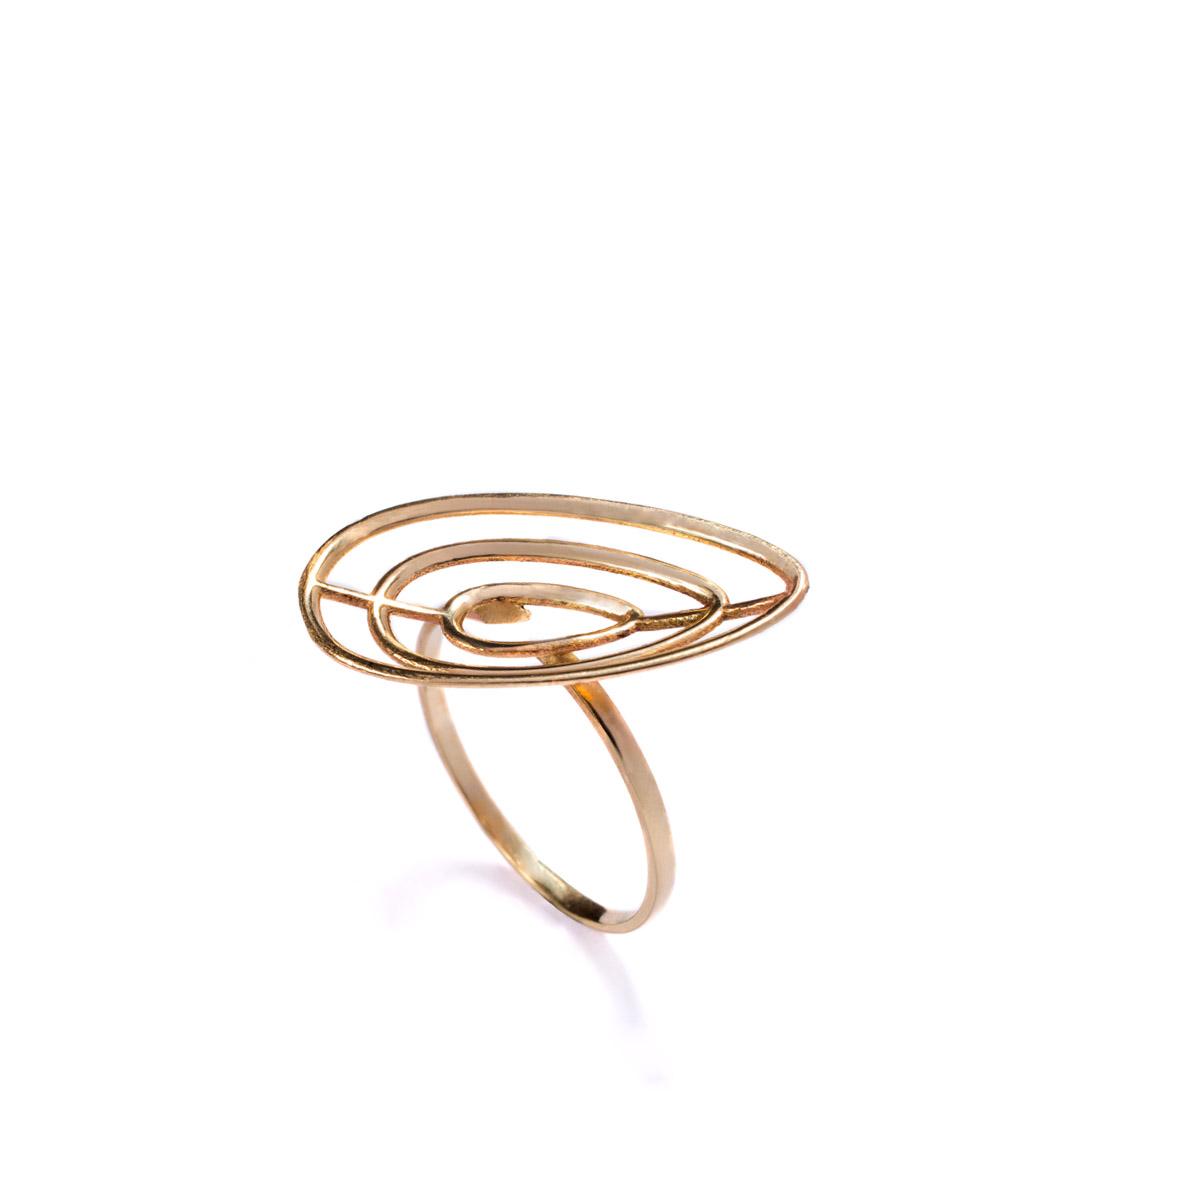 טבעת זהב בעיצוב מנימליסטי מודרני